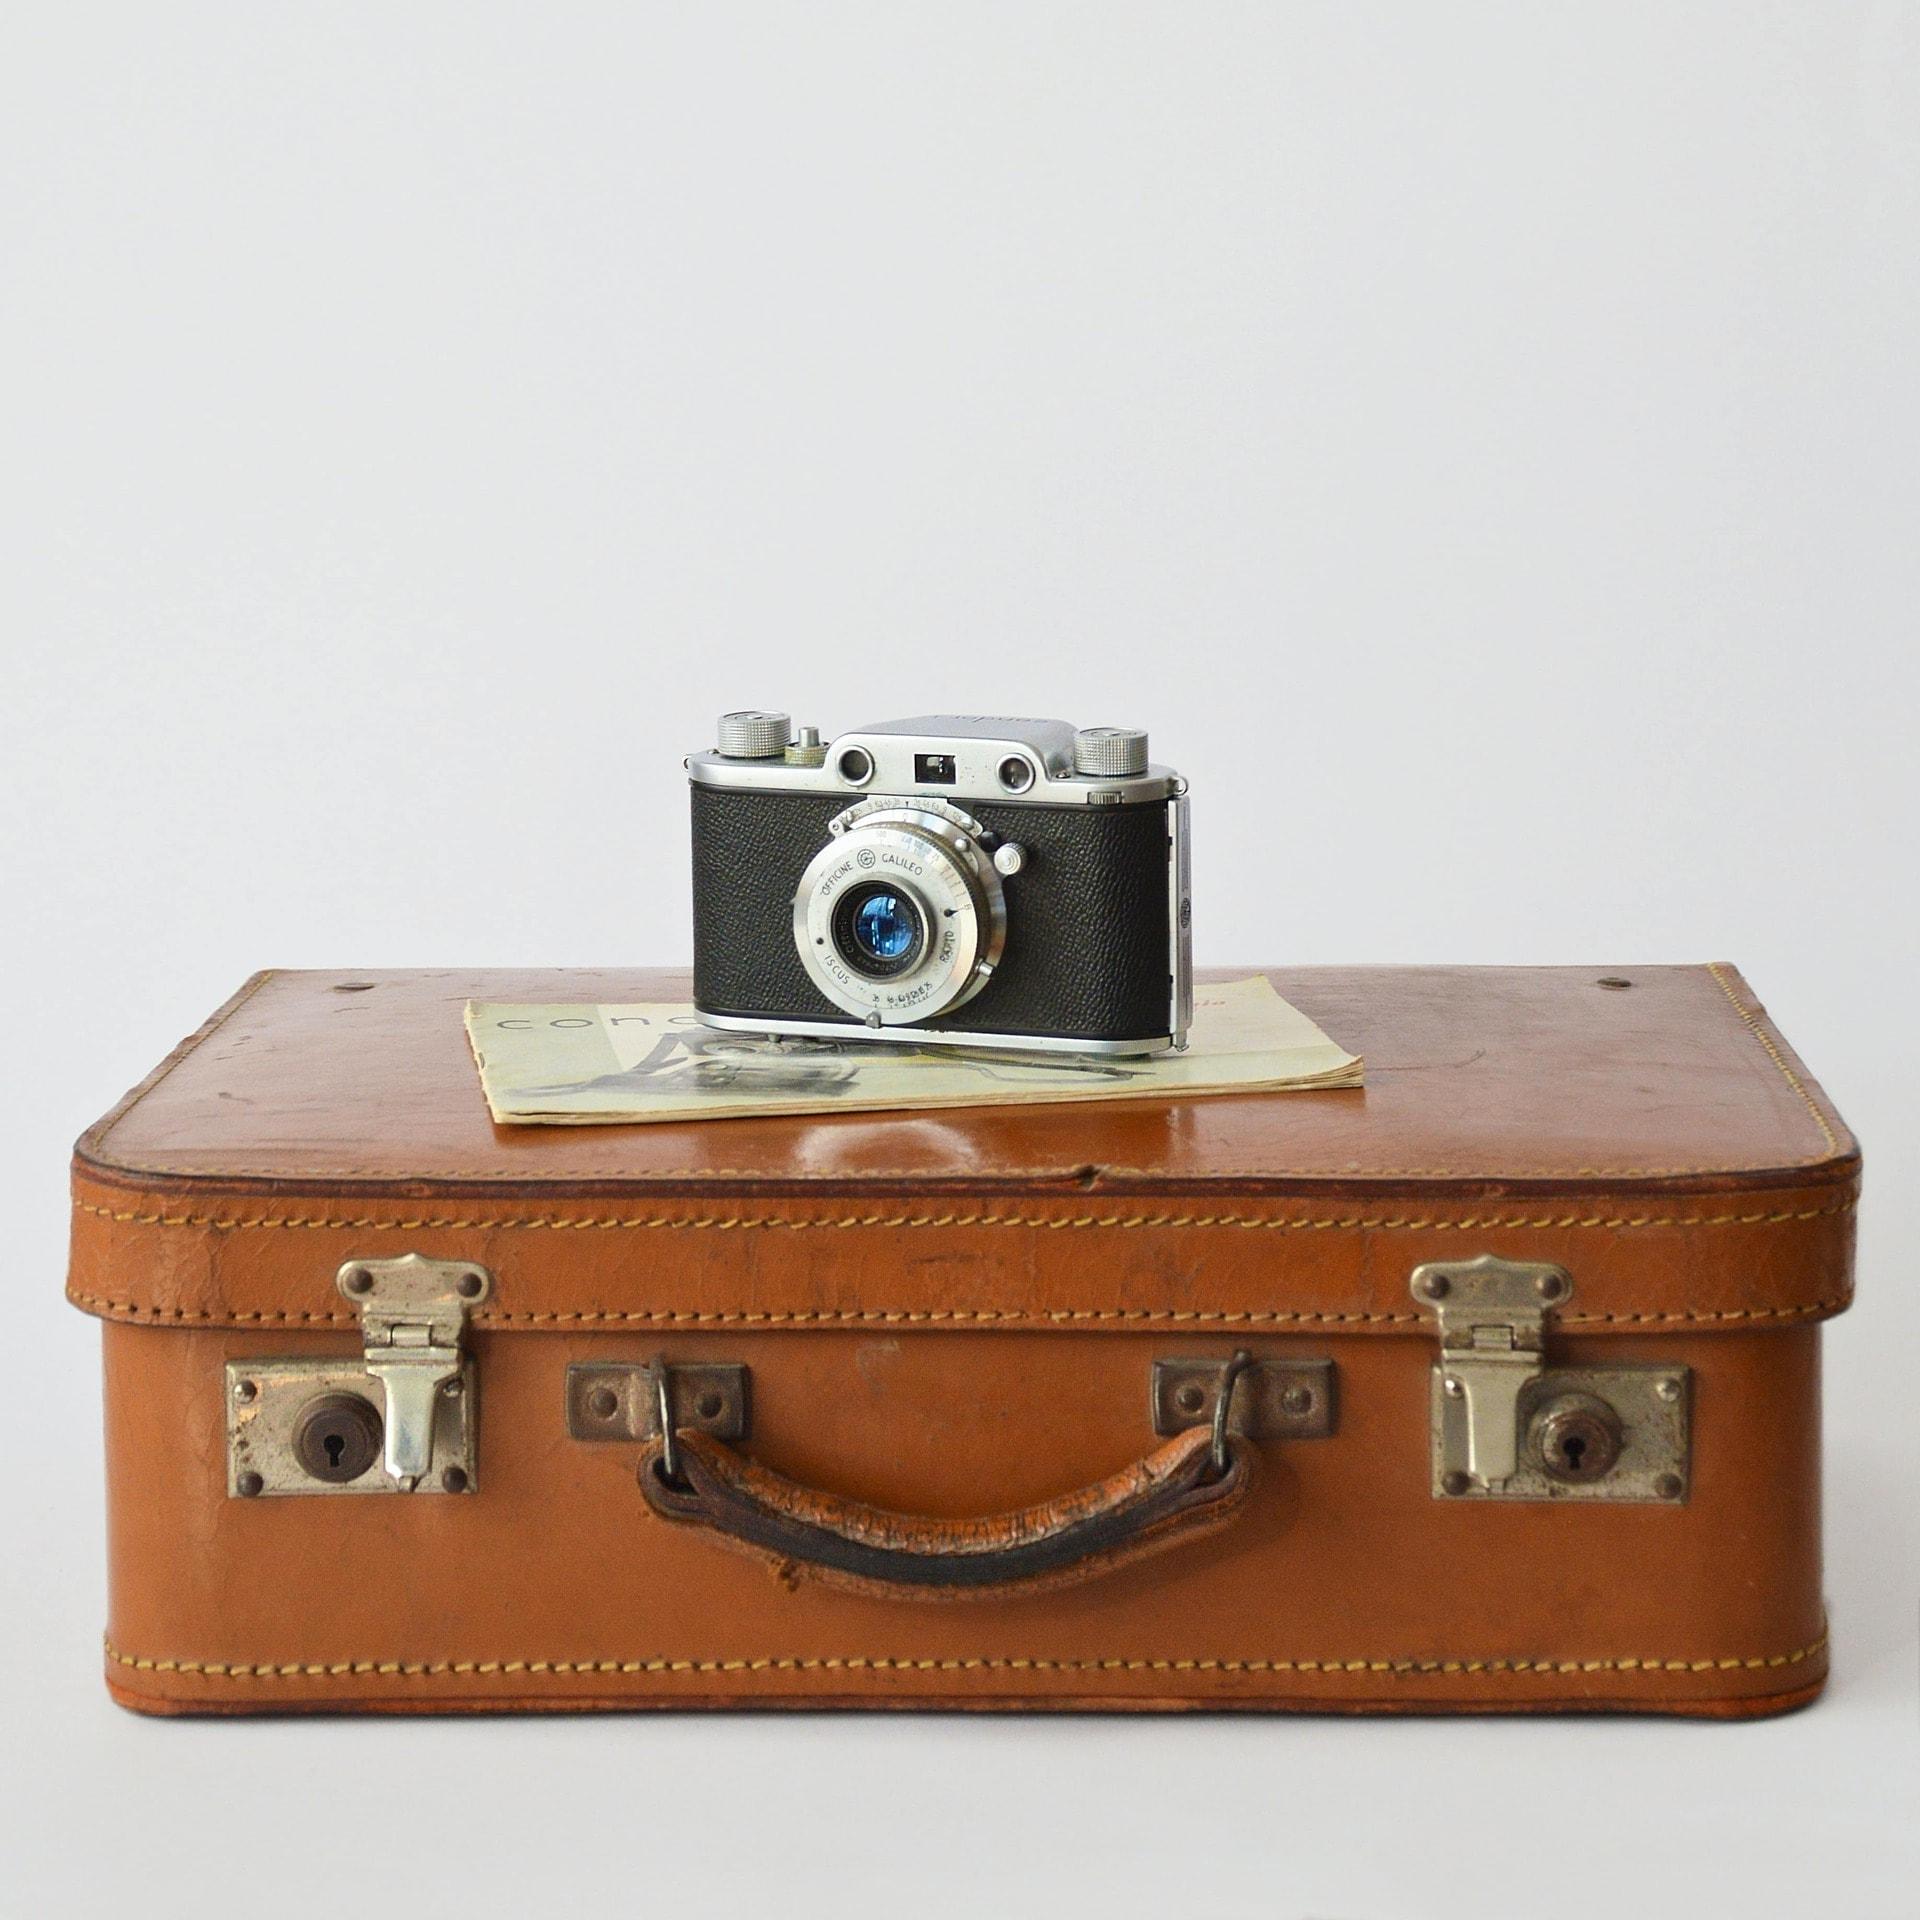 Photo Louer une valise cest possible Blooom trousses de toilette de voyage et soins d'hygiène